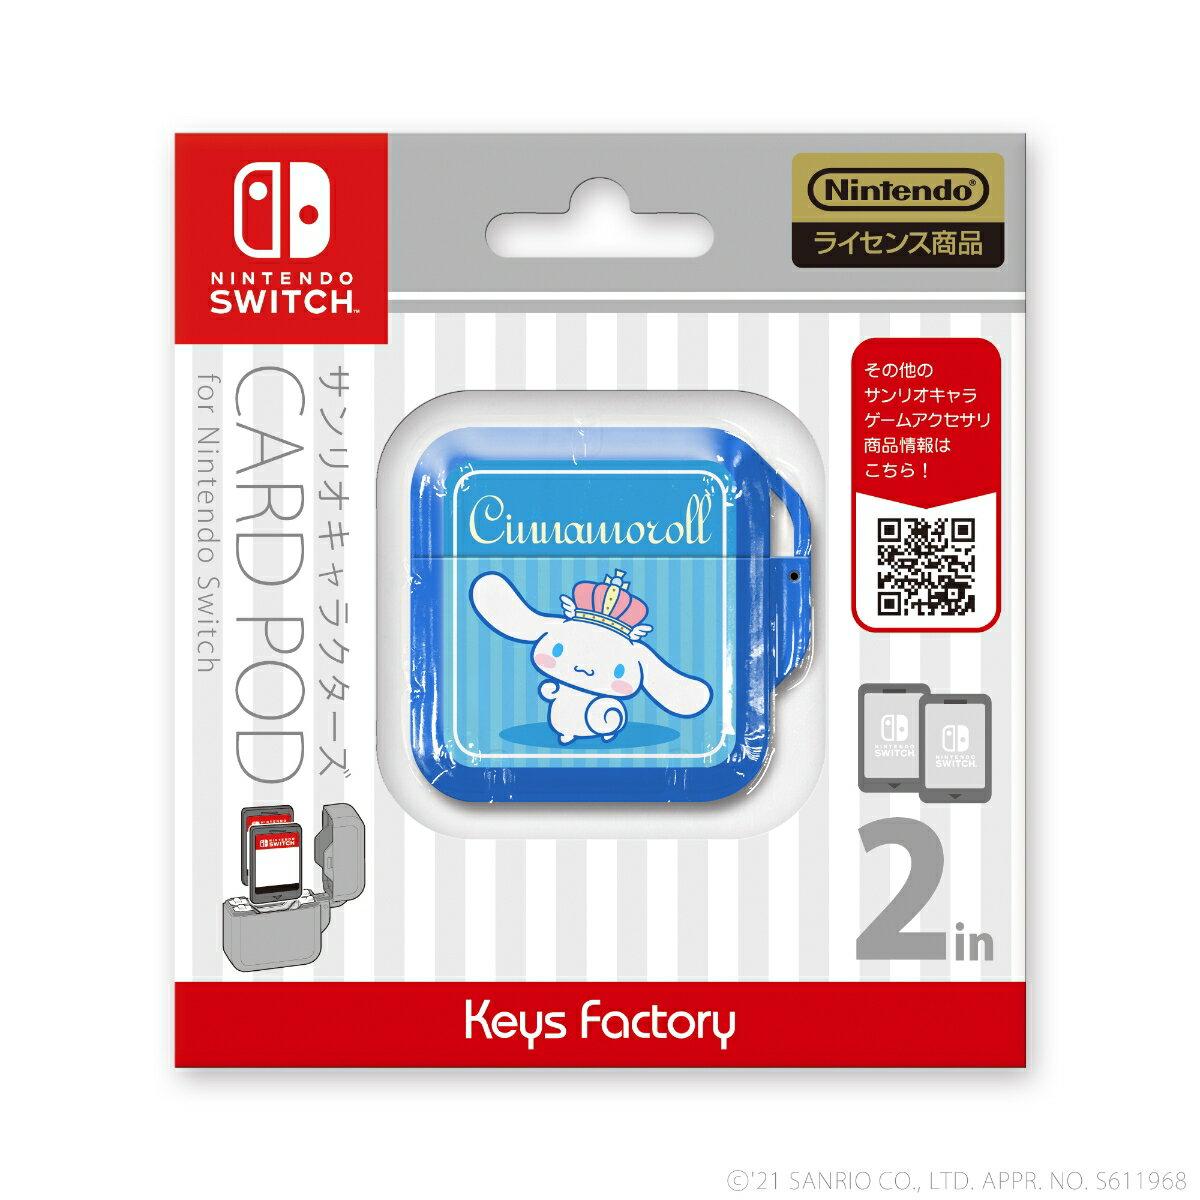 サンリオキャラクターズ カードポッドfor Nintendo Switch シナモロール